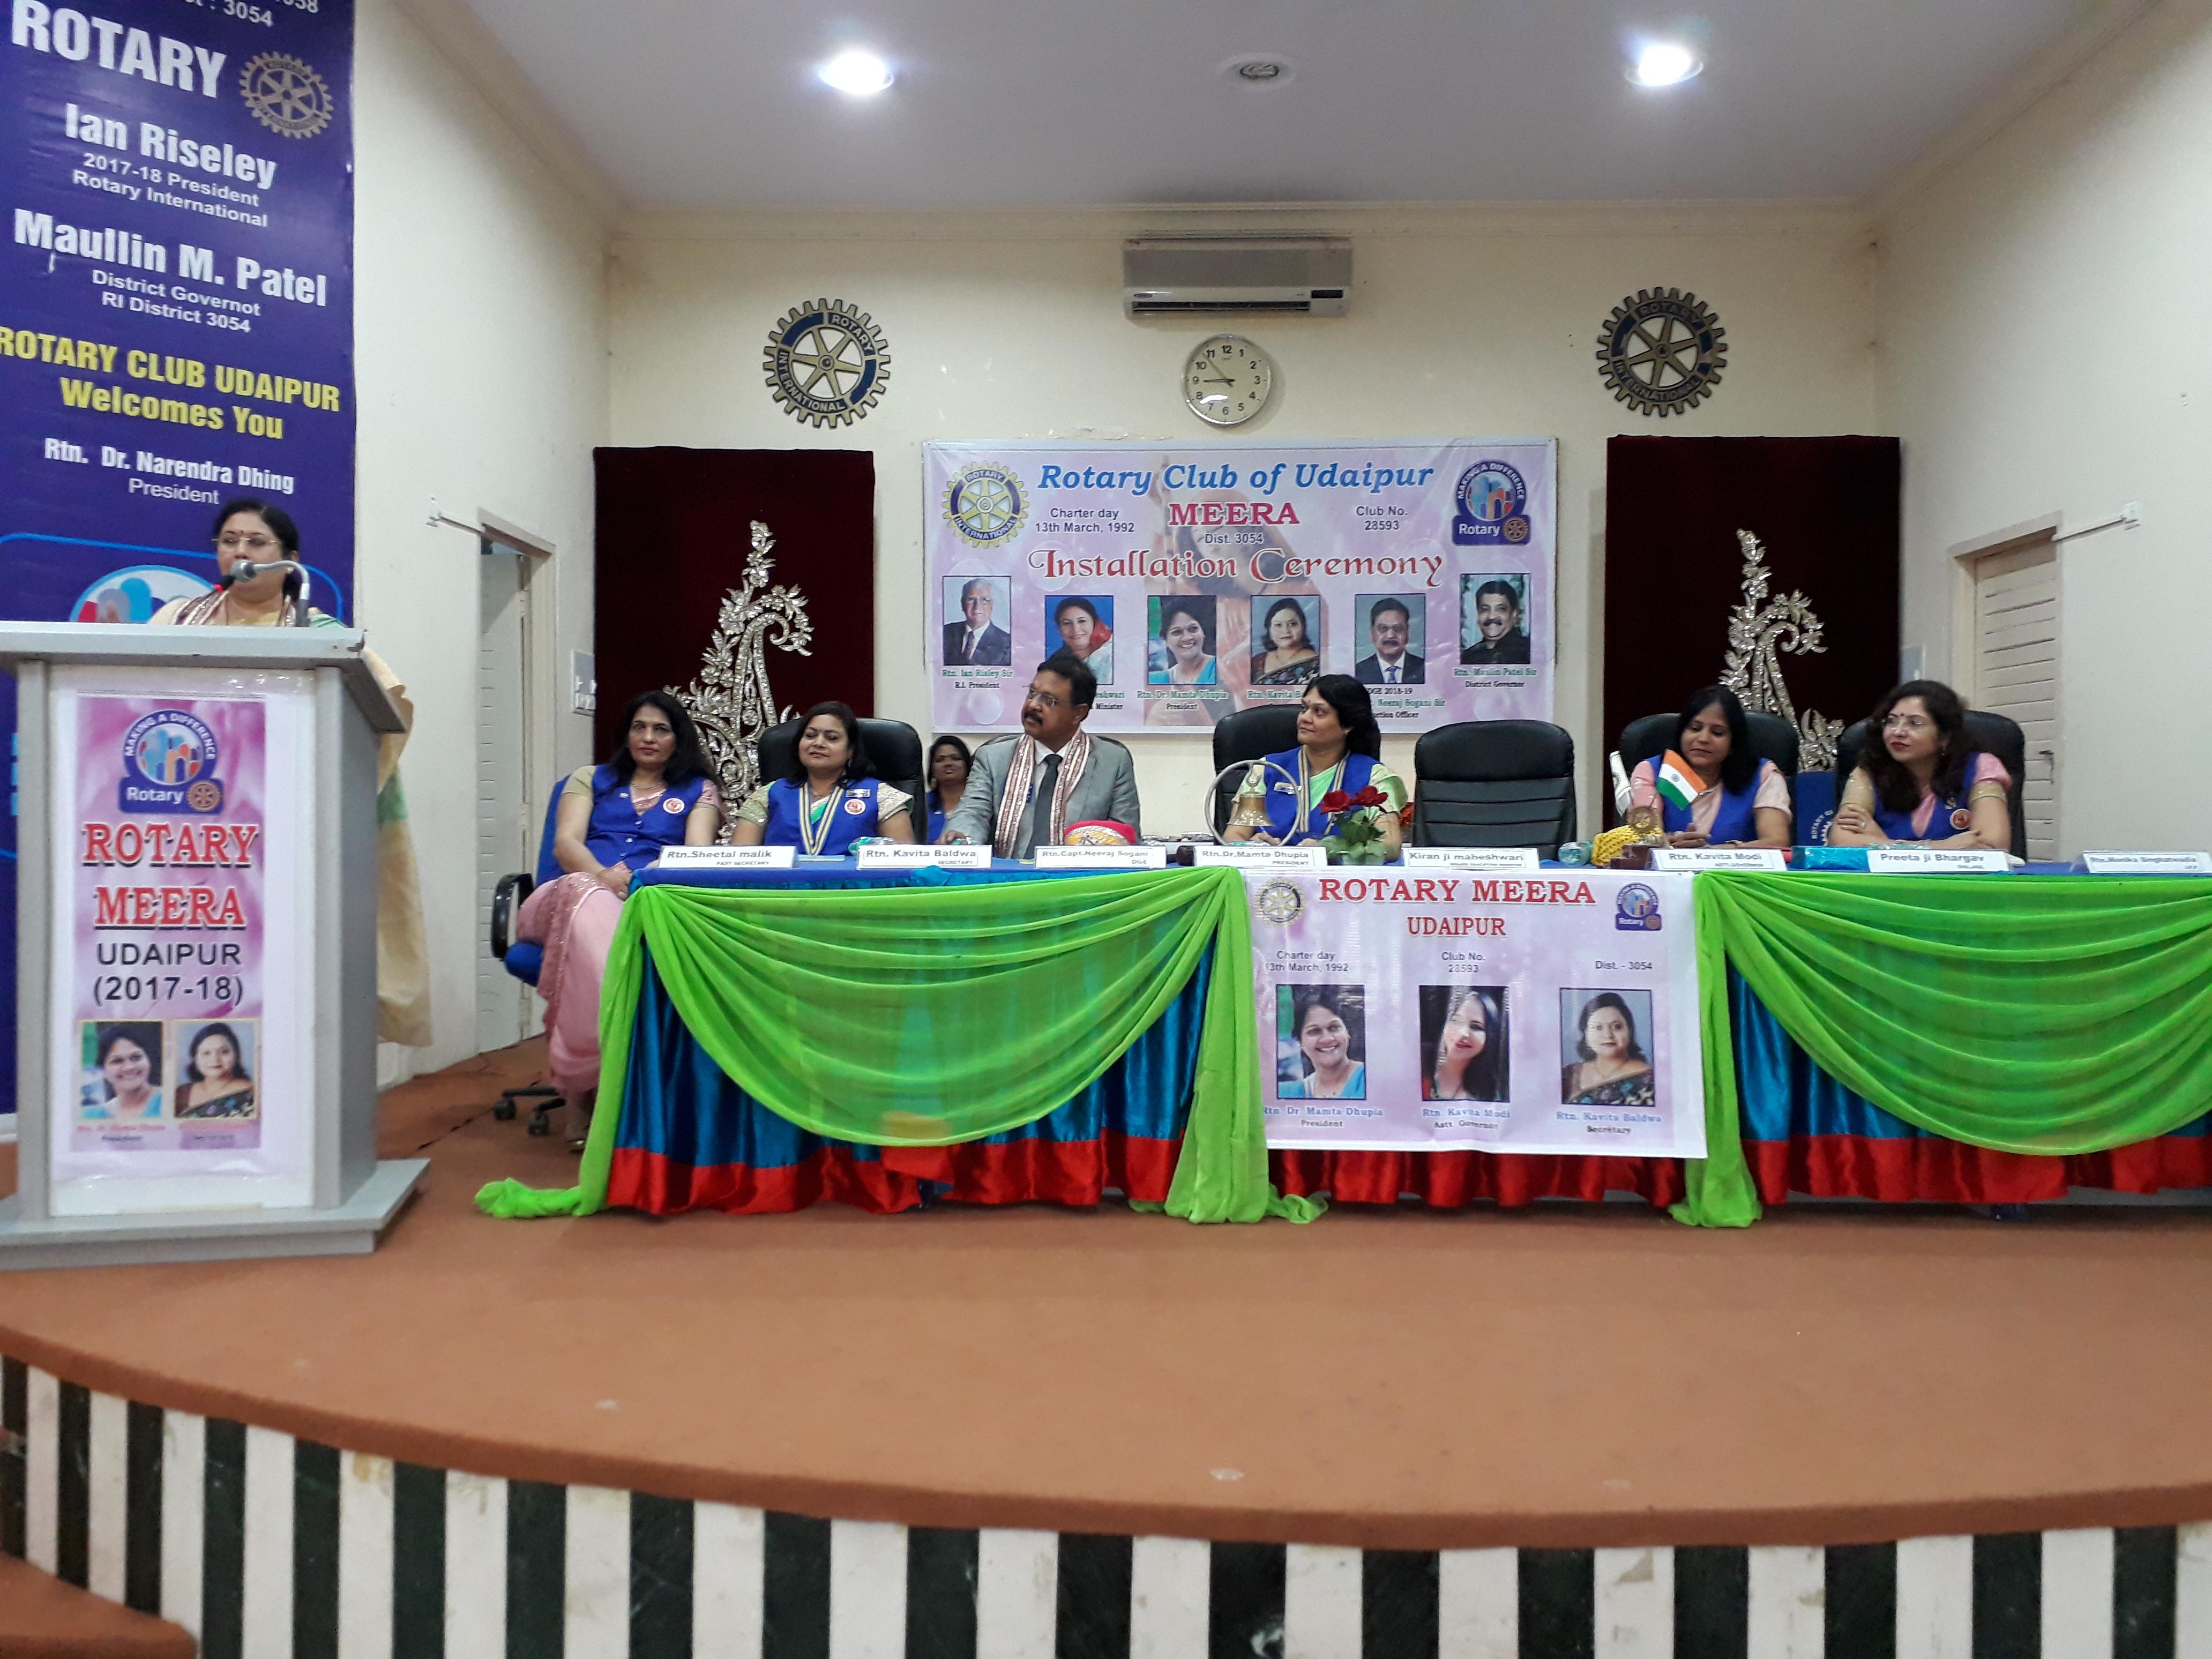 रोटरी क्लब प्रांत - 3054  का पदस्थापना समारोह आयोजित